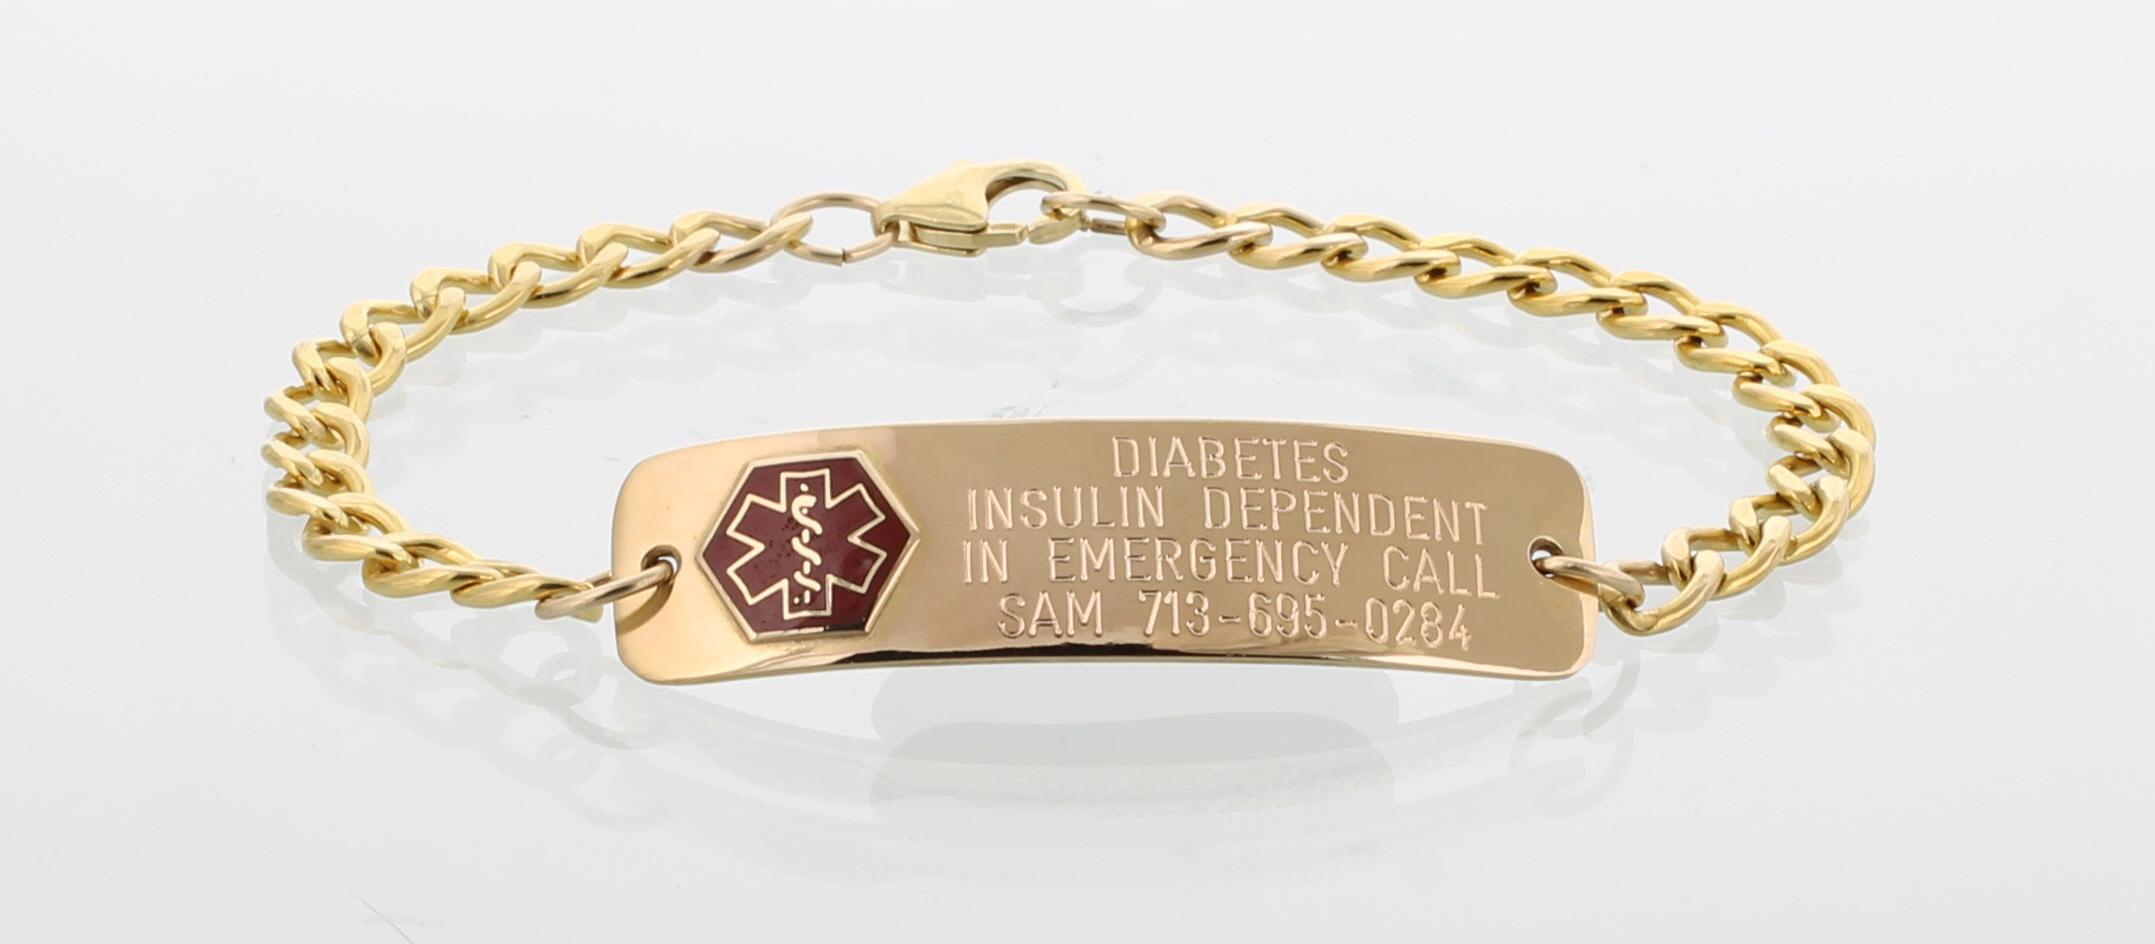 diabetes alert id bracelets necklaces for